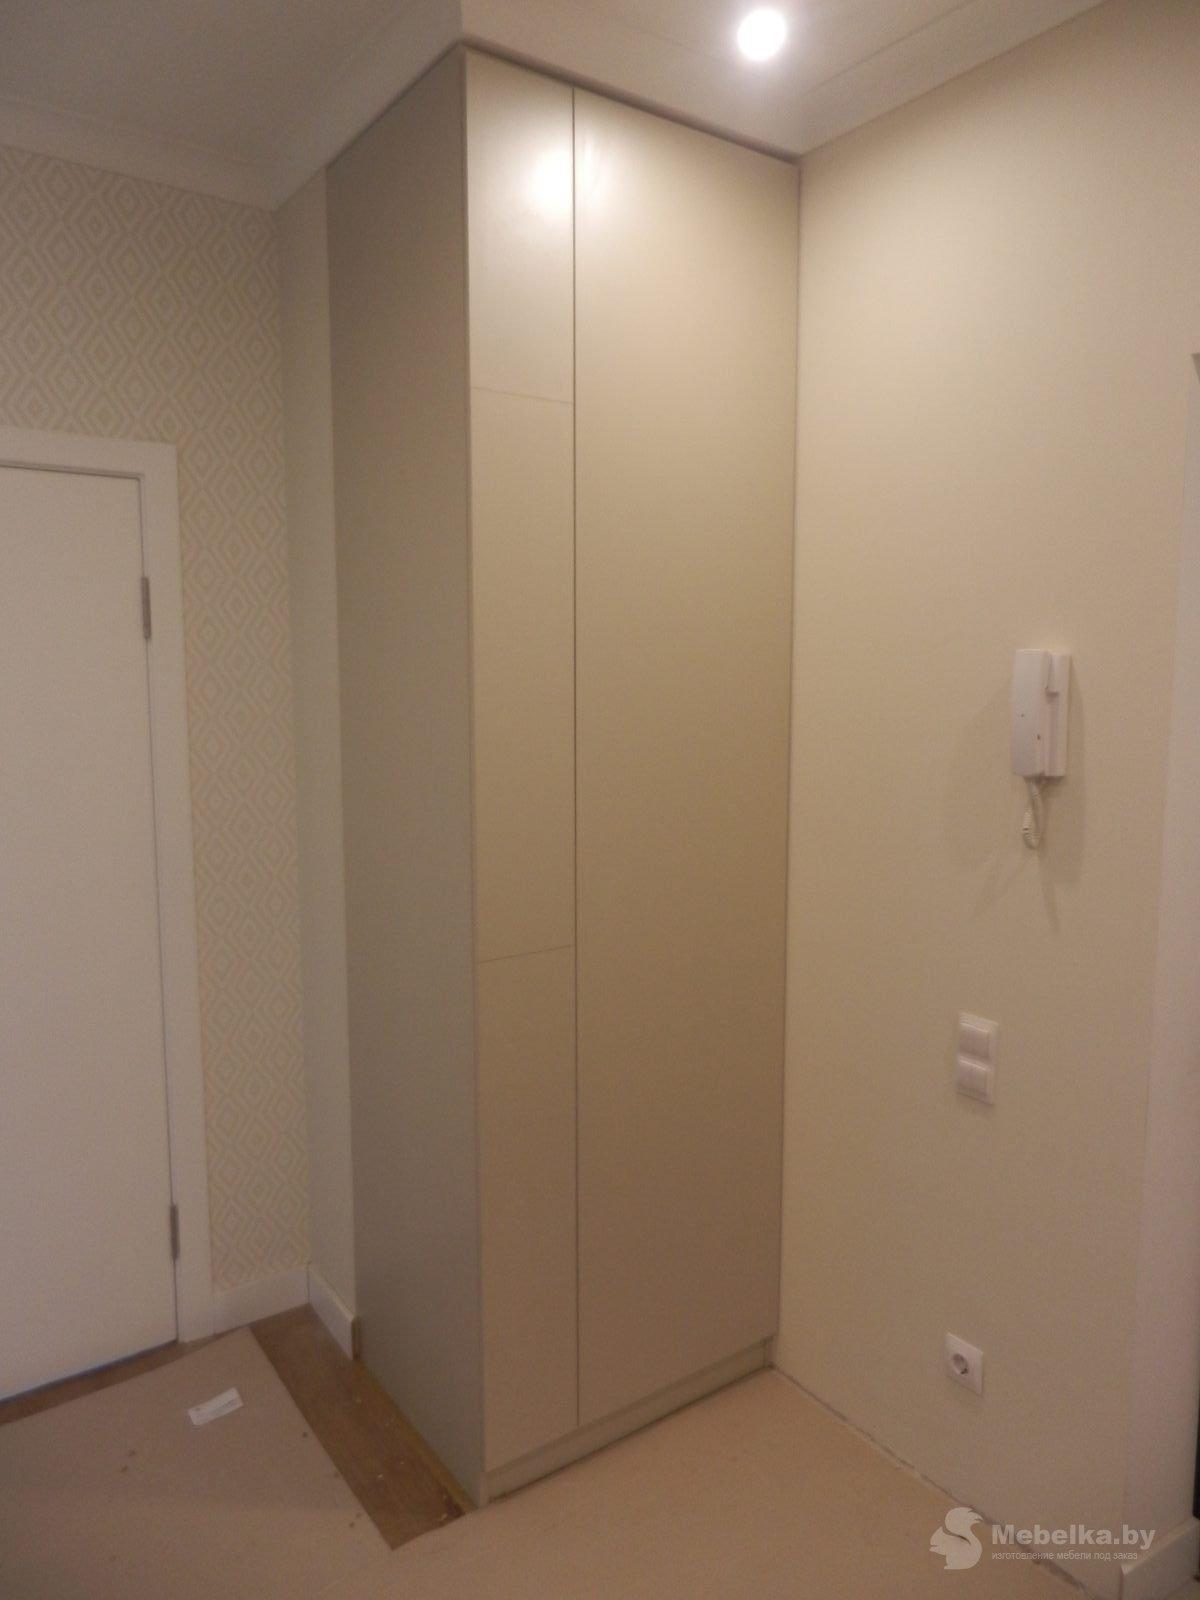 Одностворчатый шкаф в прихожей вид 1